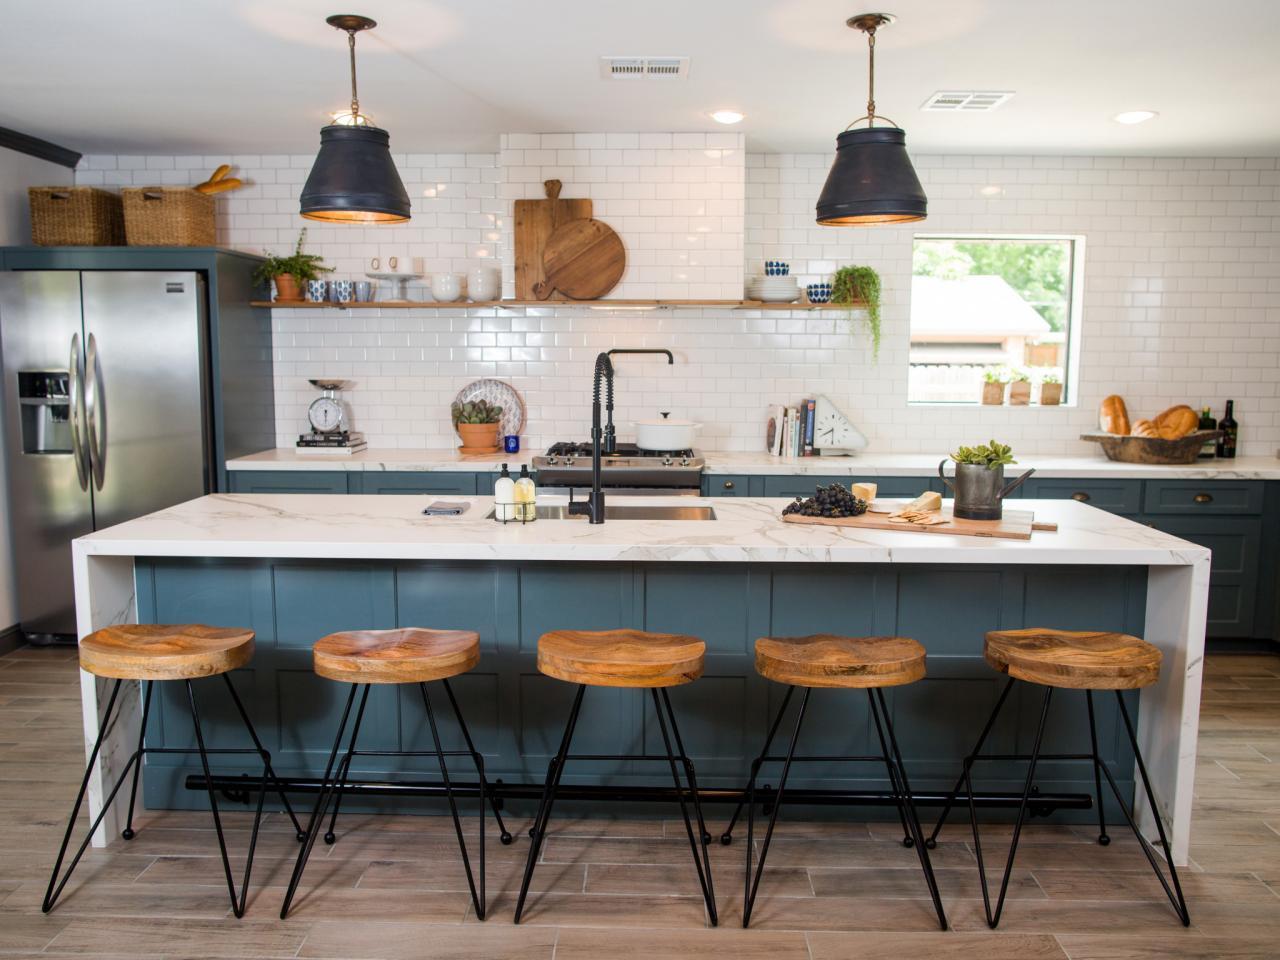 Large Kitchen Island Maximizes Space